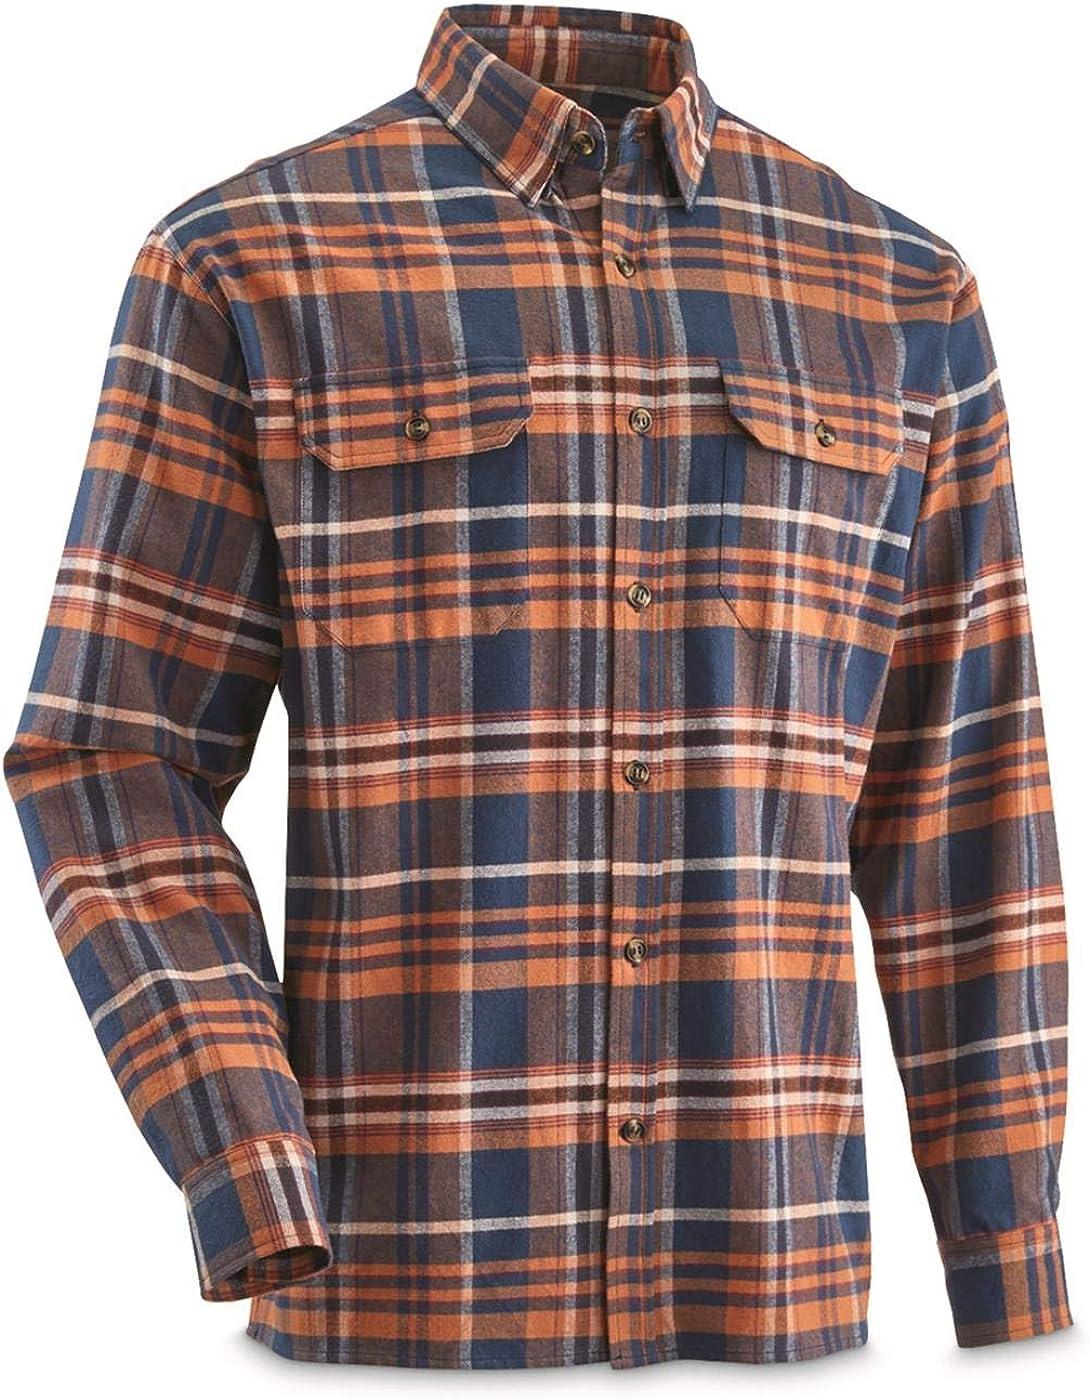 Guide Gear Men's Yarn-Dyed Flannel Shirt